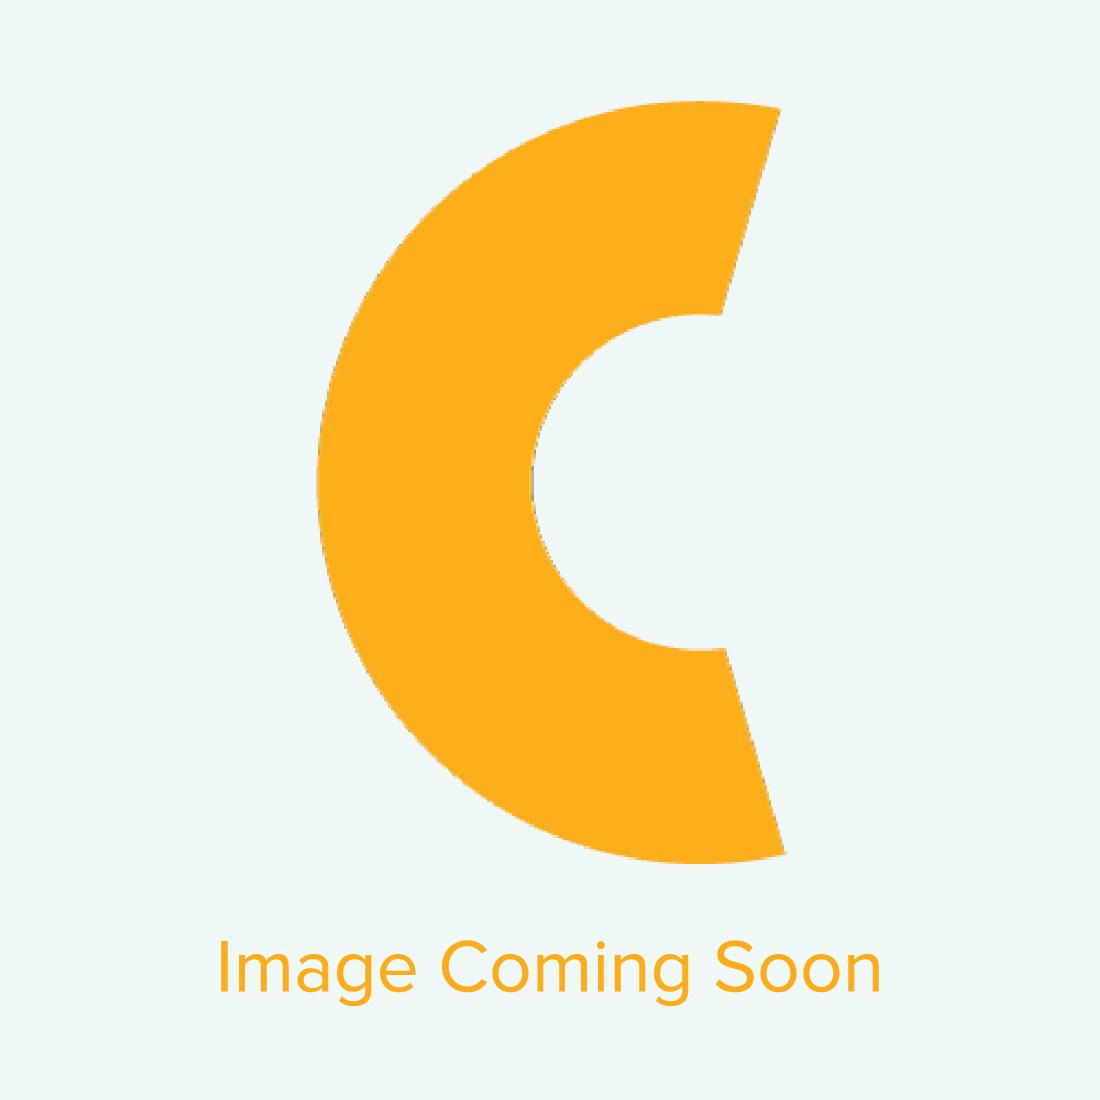 FC8600-60, FC8000-60, FC7000 MK2-60, FC7000-60 - Replacement Cutting Strip